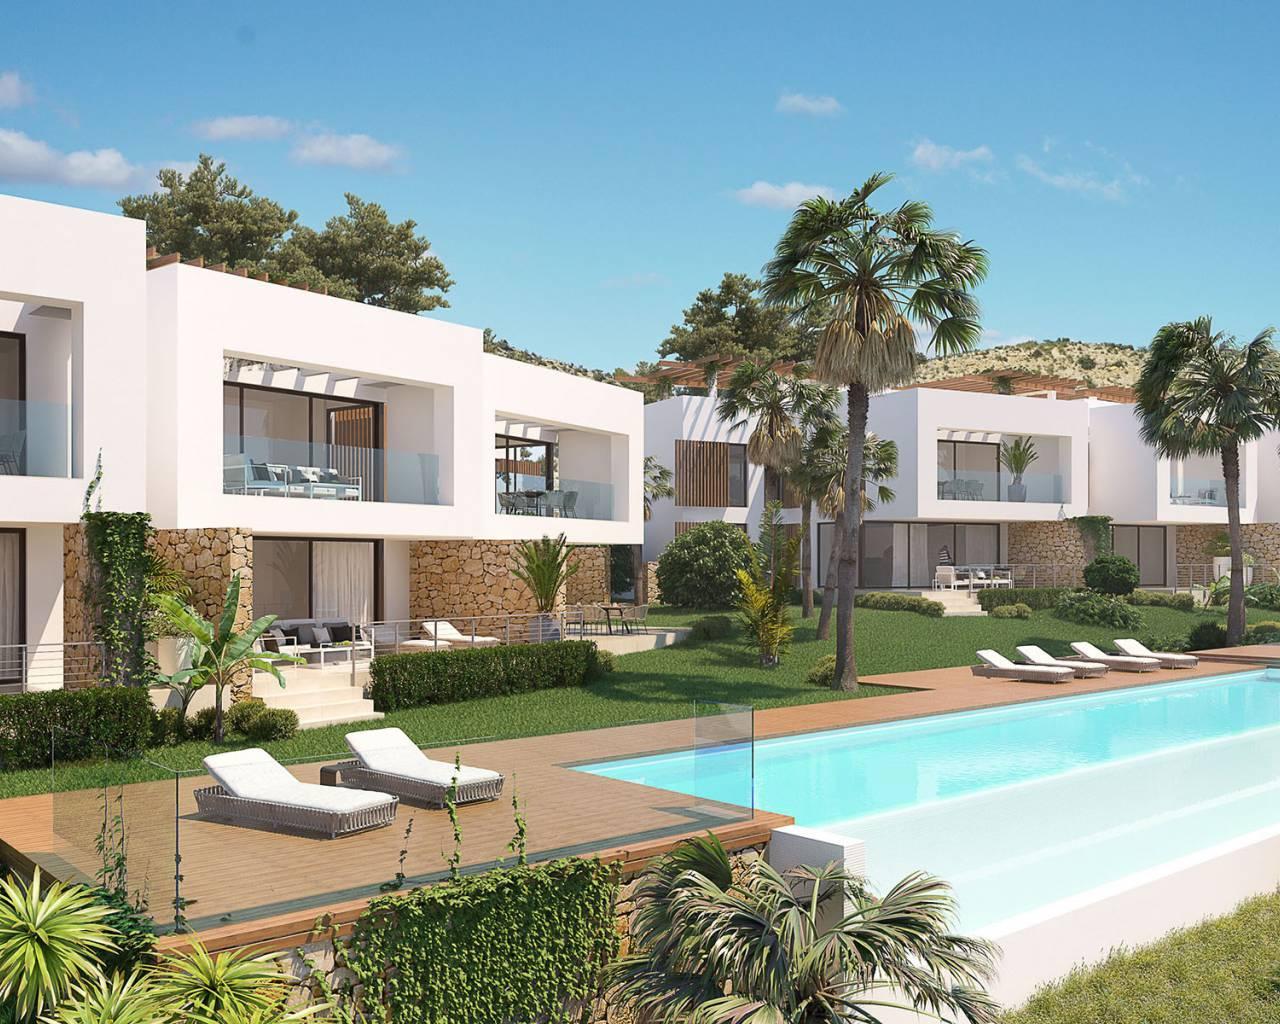 nieuwbouw-appartement-montforte-del-cid-font-del-llop_3137_xl